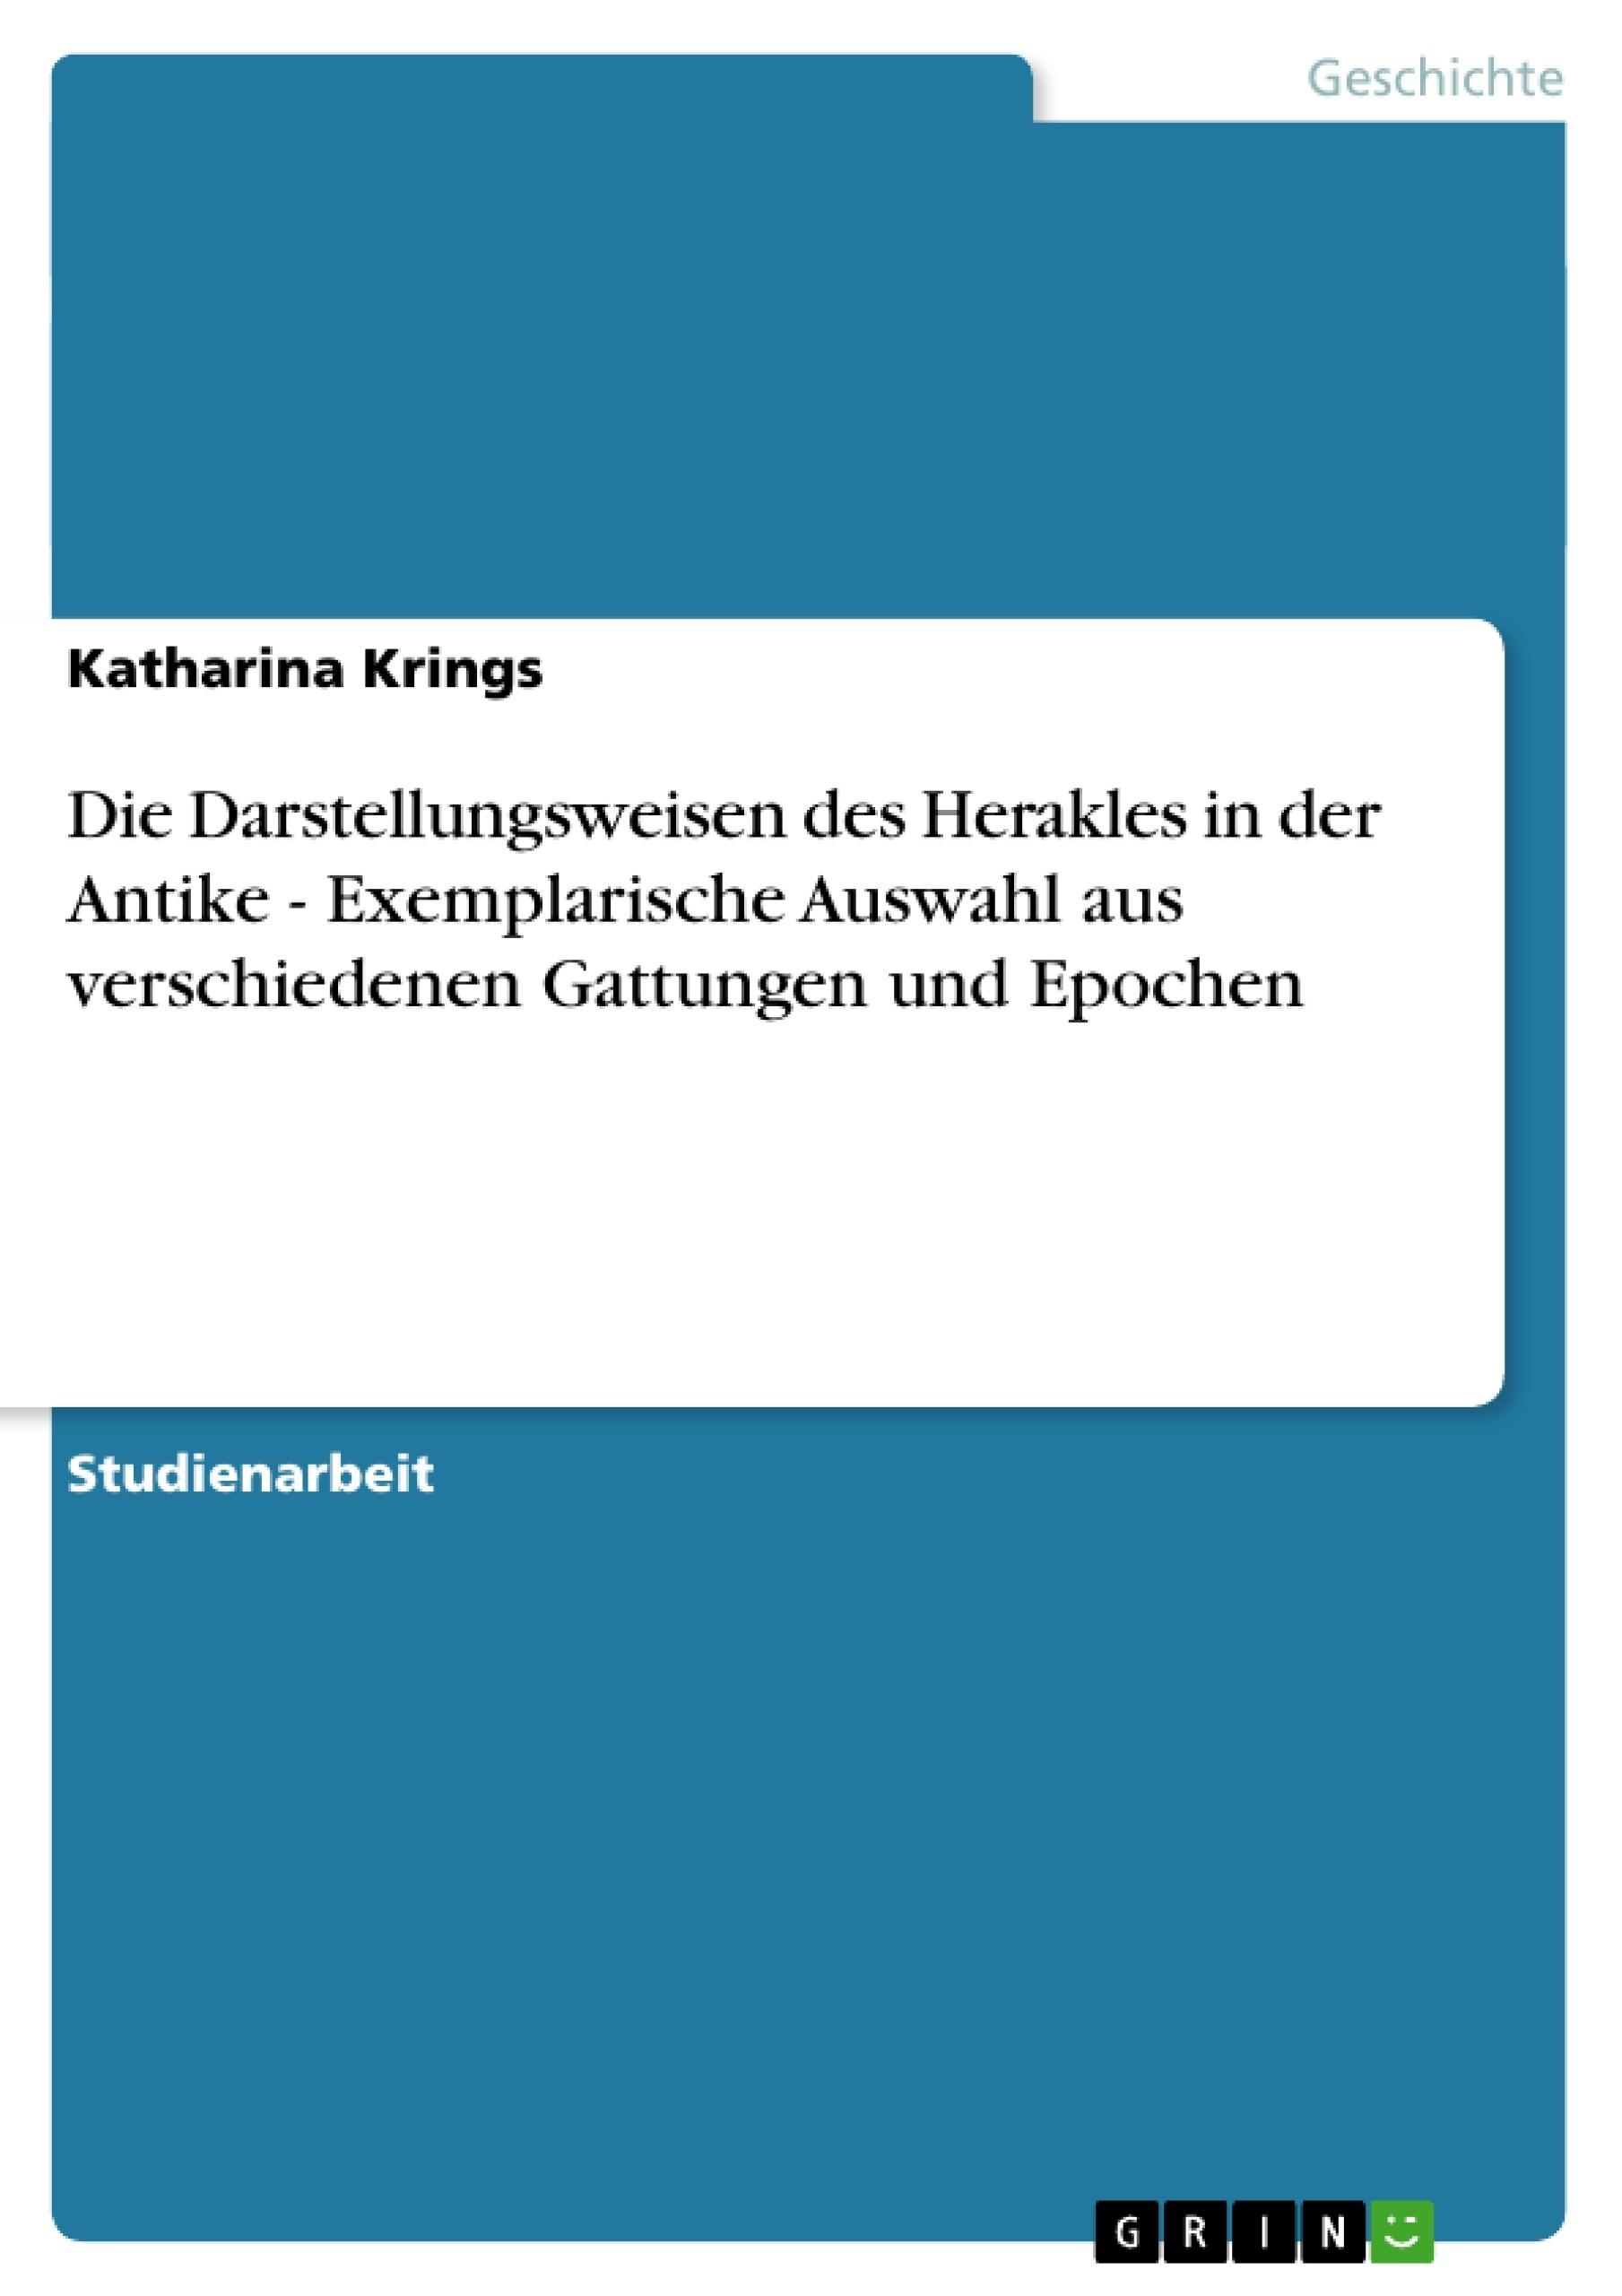 Titel: Die Darstellungsweisen des Herakles in der Antike - Exemplarische Auswahl aus verschiedenen Gattungen und Epochen